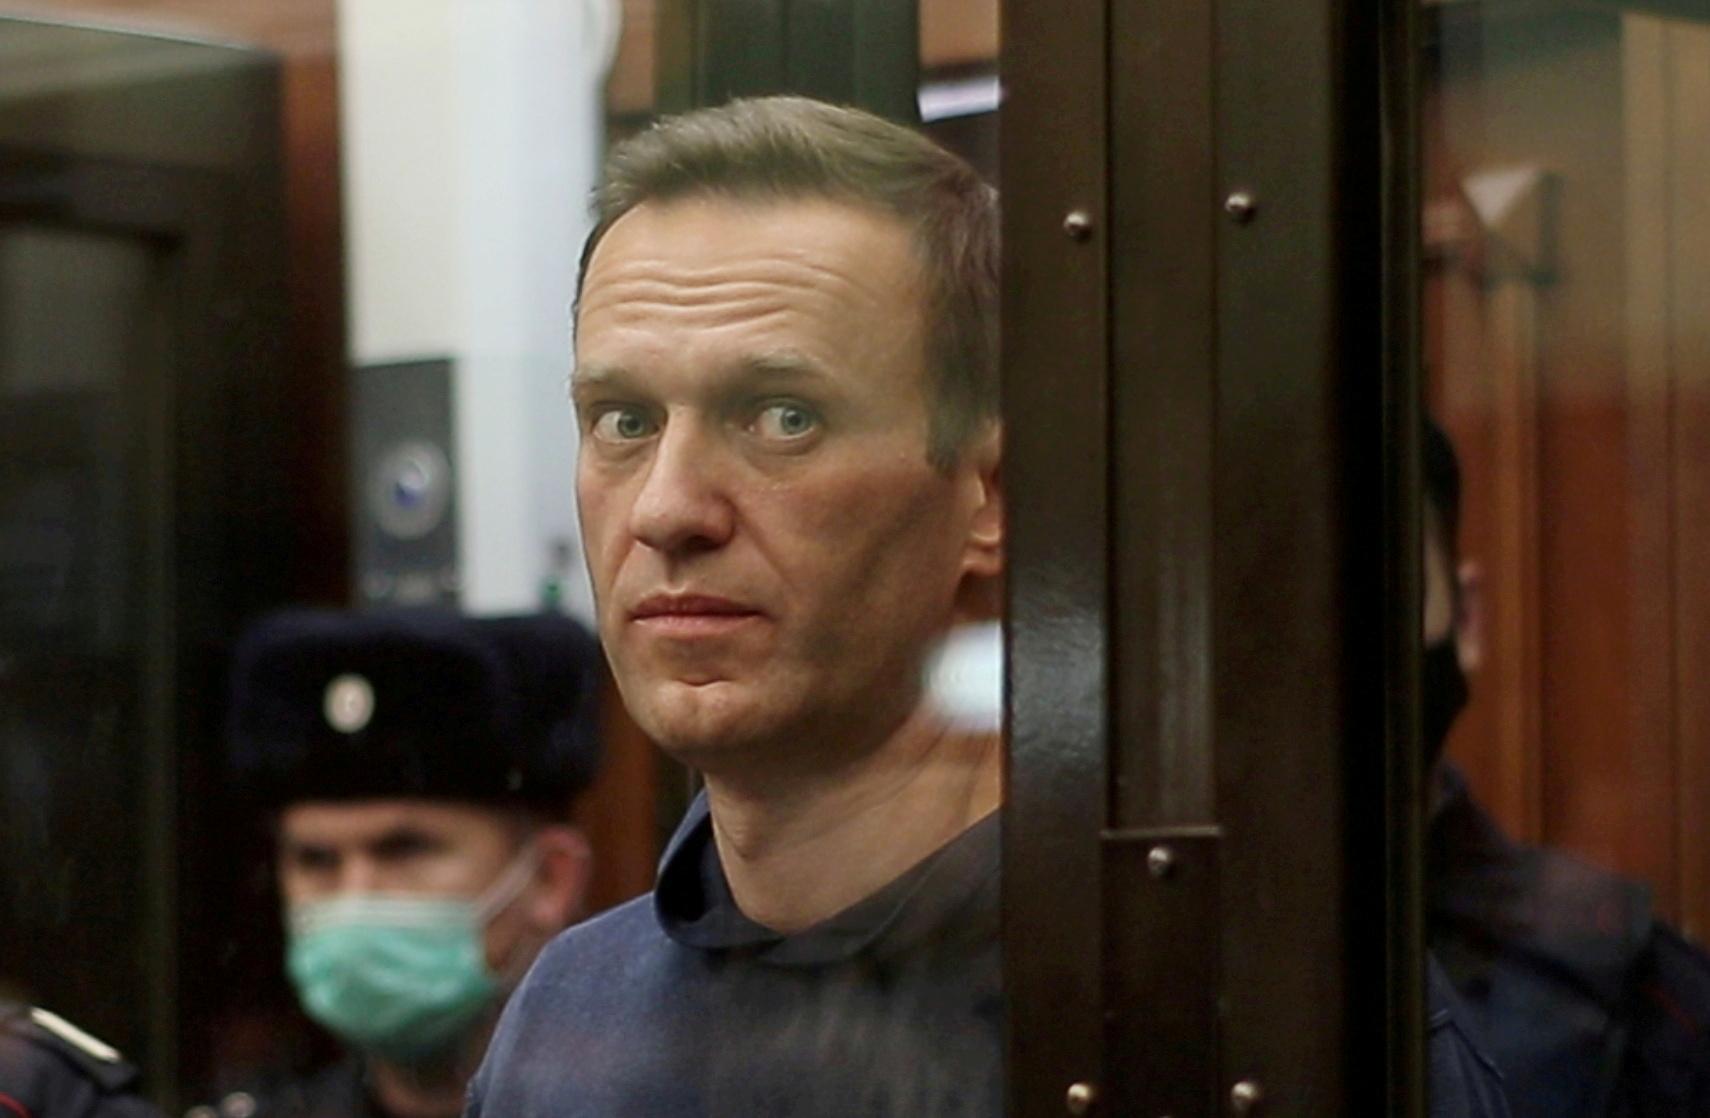 Ρωσία: Απεργία πείνας ξεκίνησε ο Ναβάλνι ζητώντας να τον επισκεφθεί γιατρός